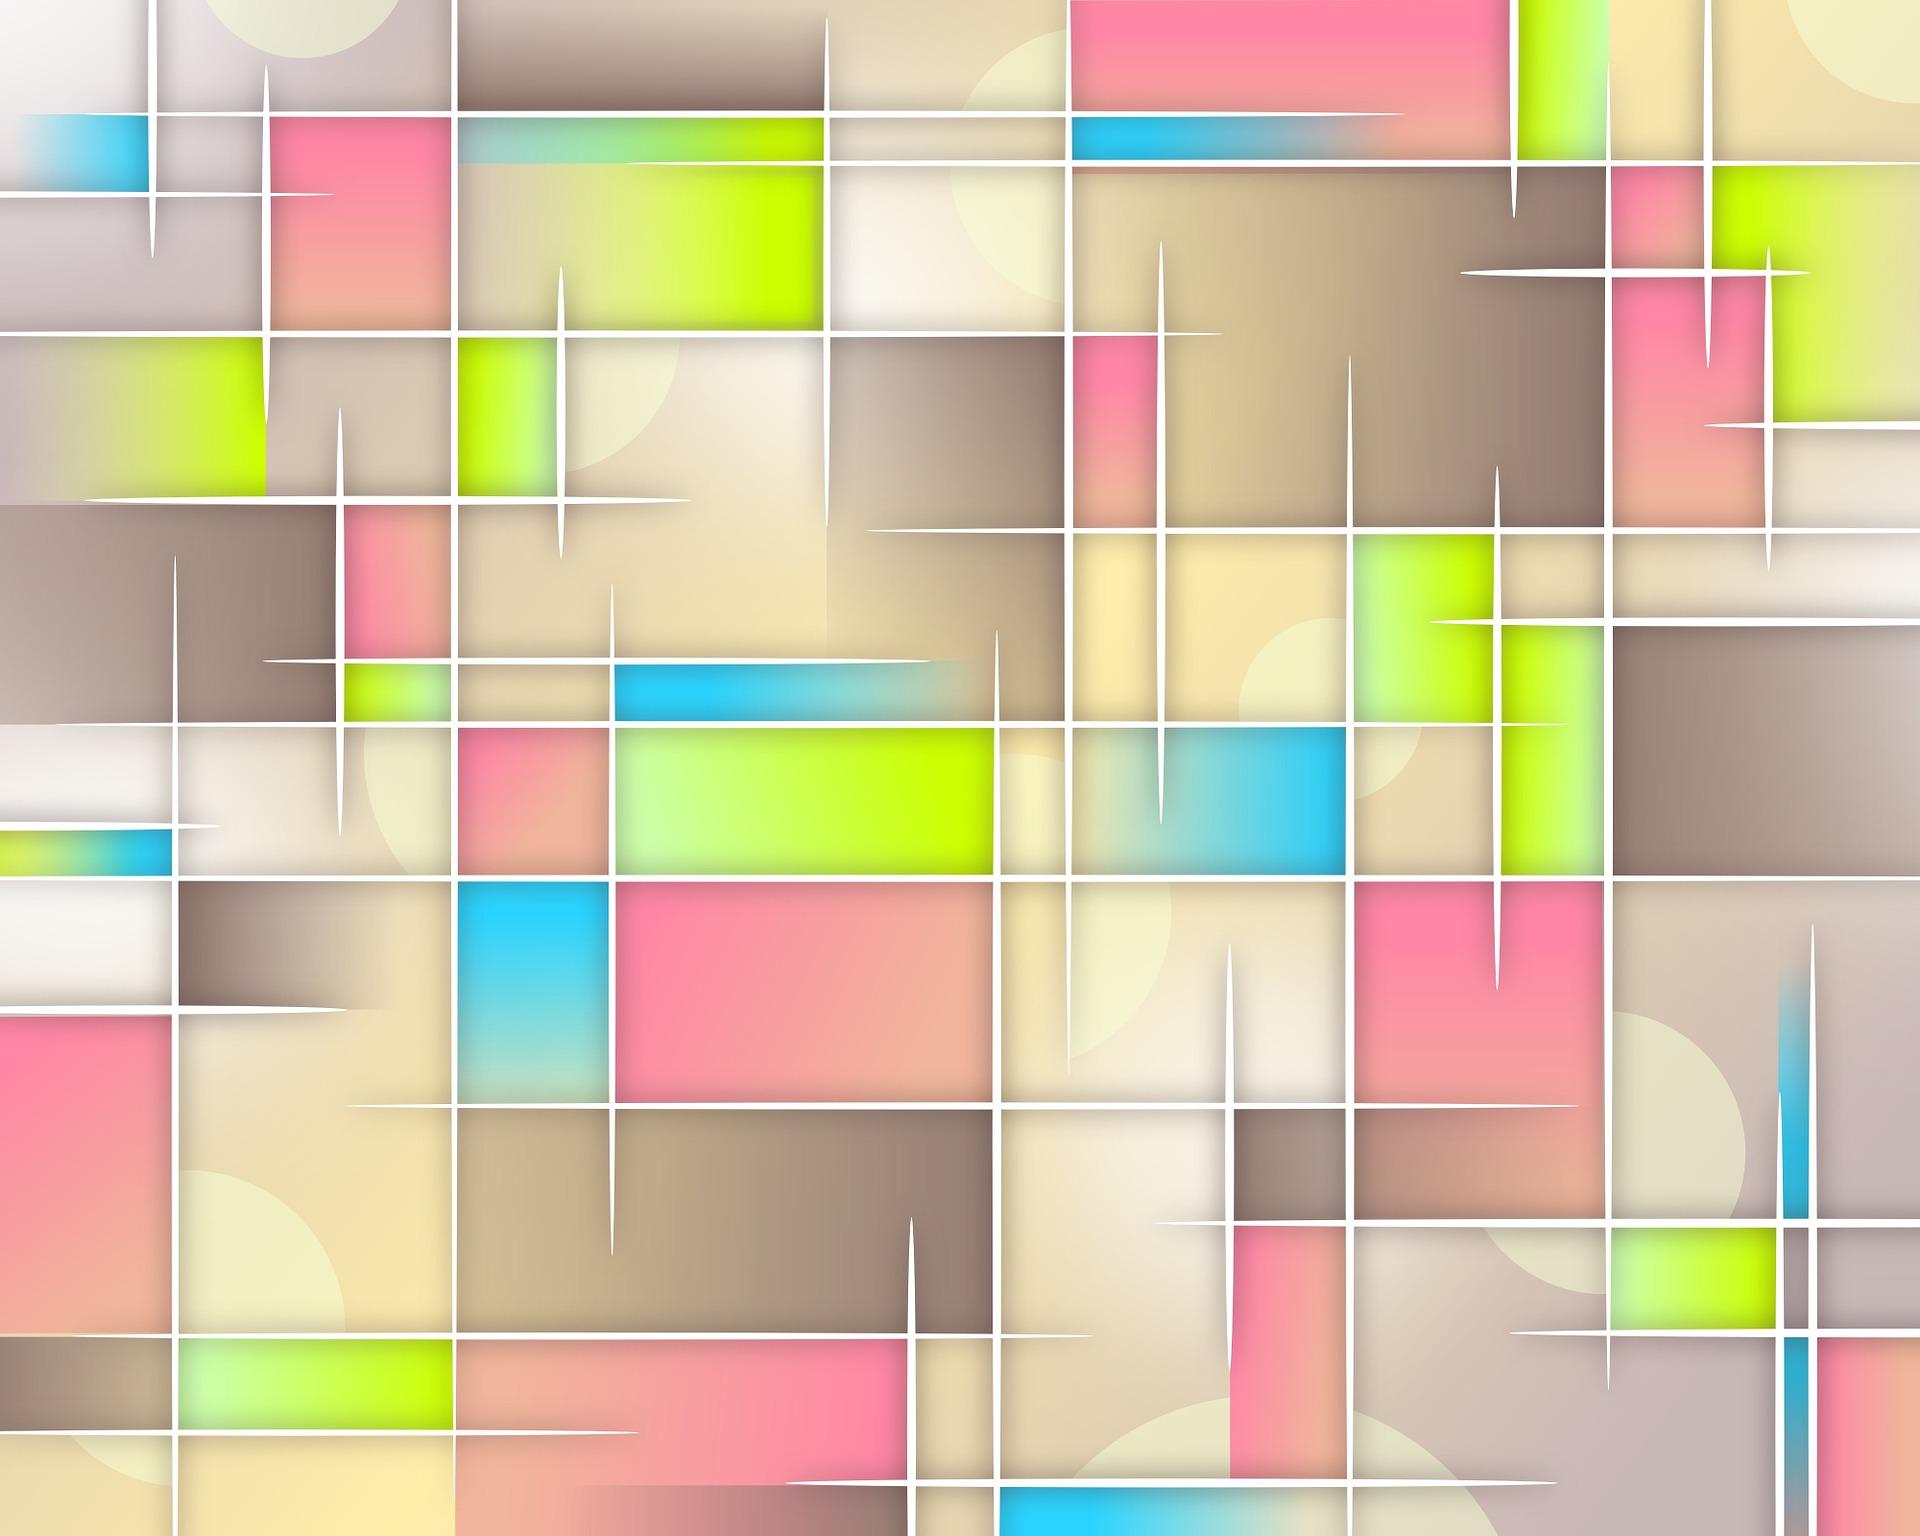 réseau, couleurs, place, illustration, Résumé - Fonds d'écran HD - Professor-falken.com